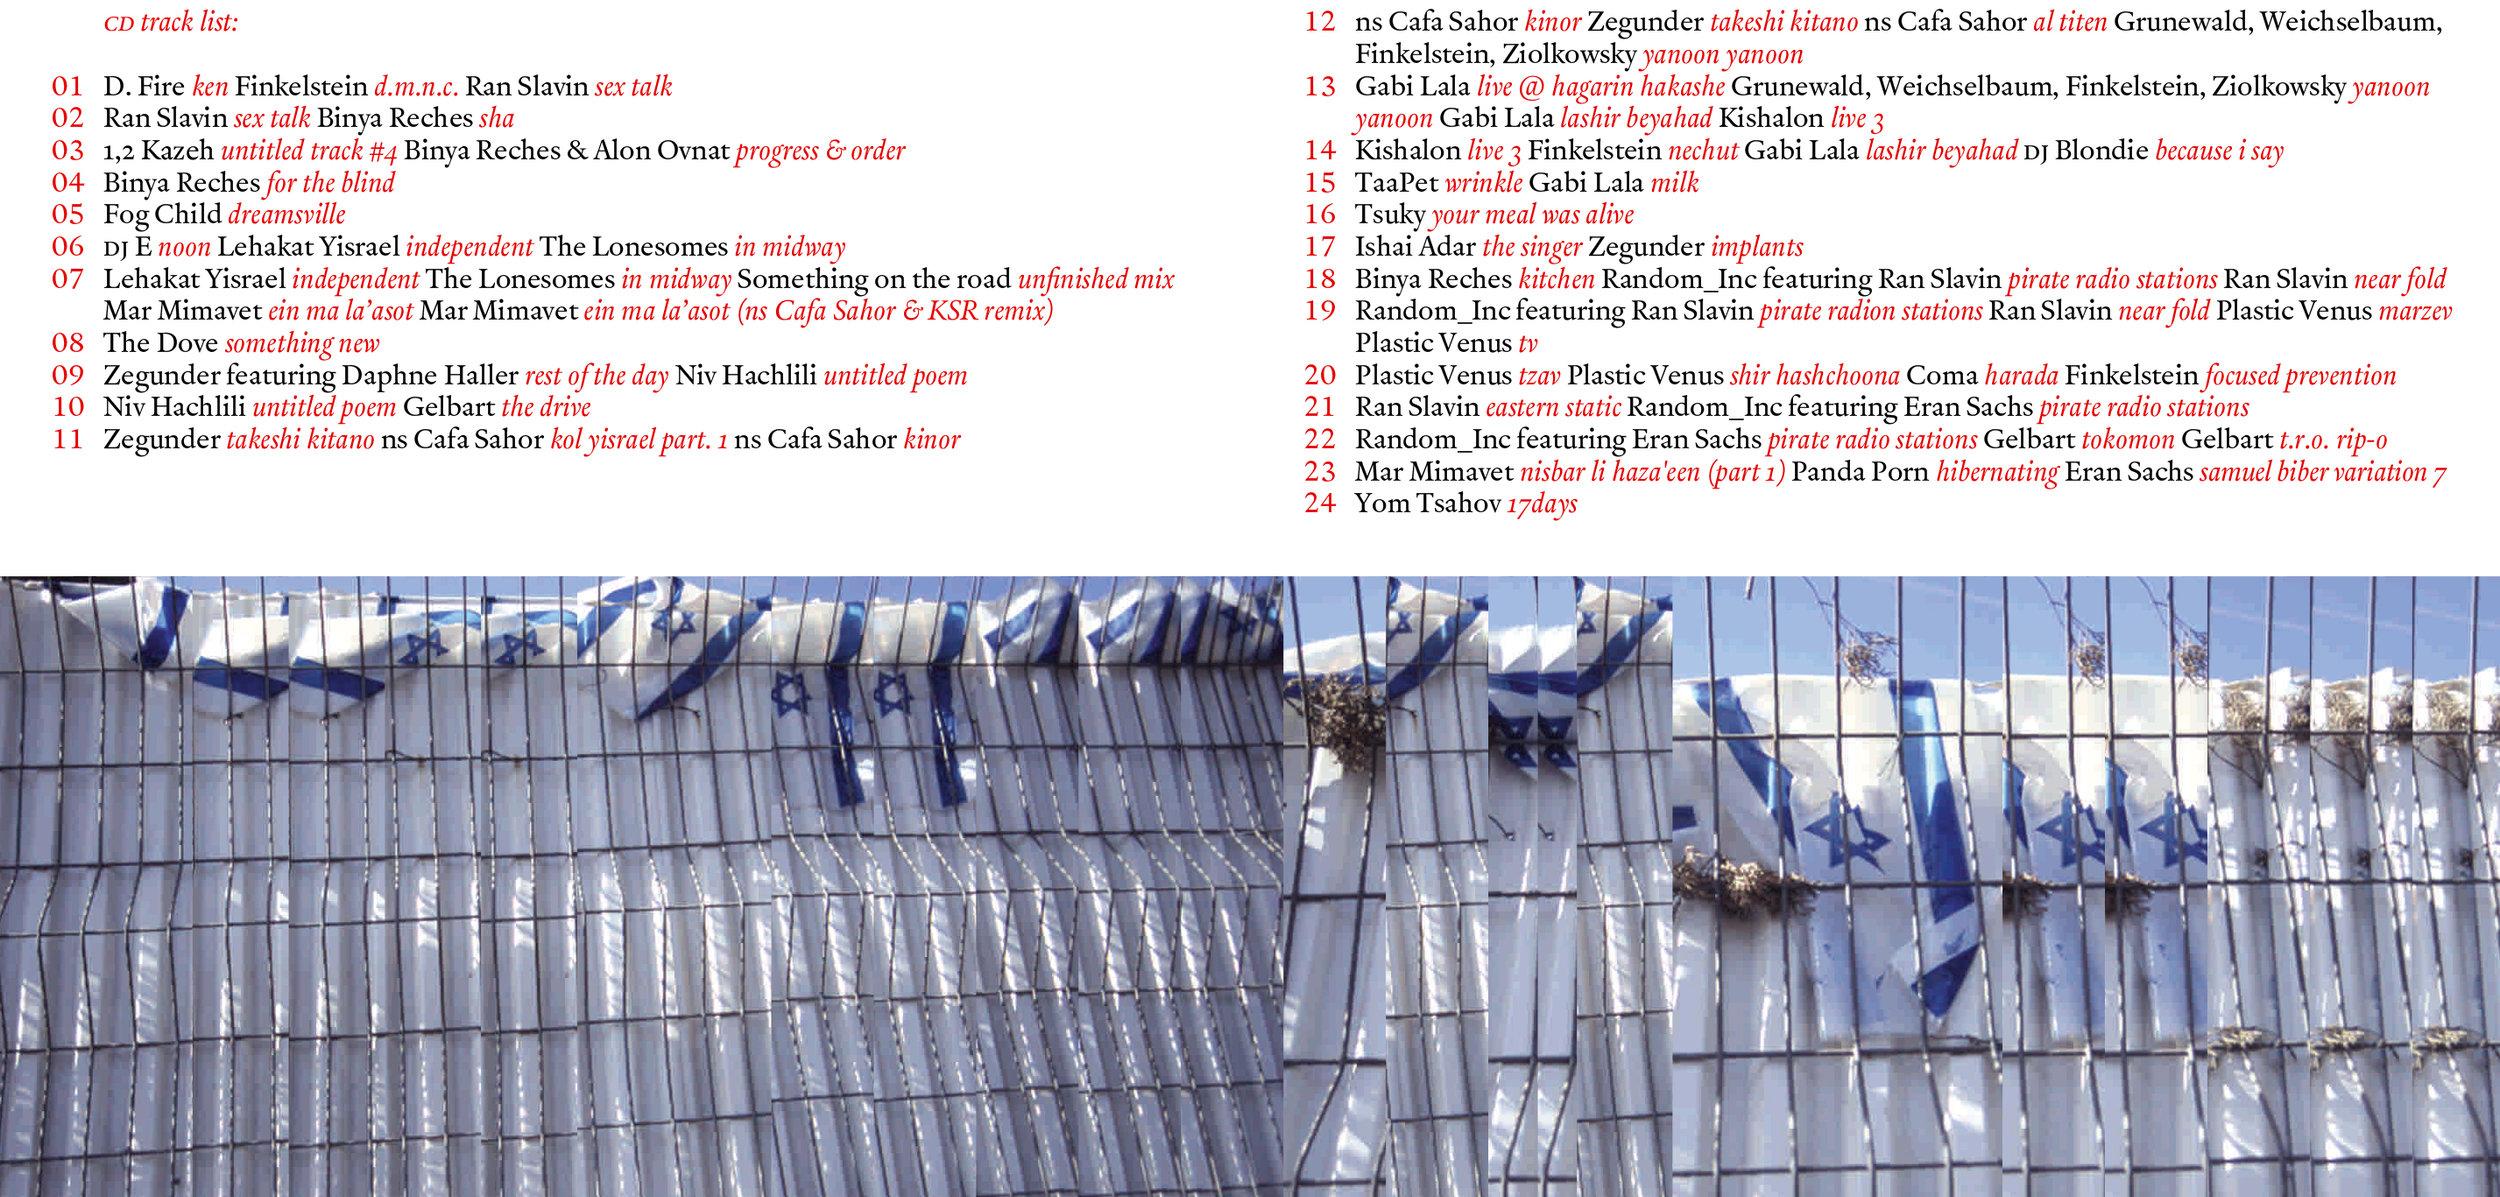 booklet-copy-13.jpg